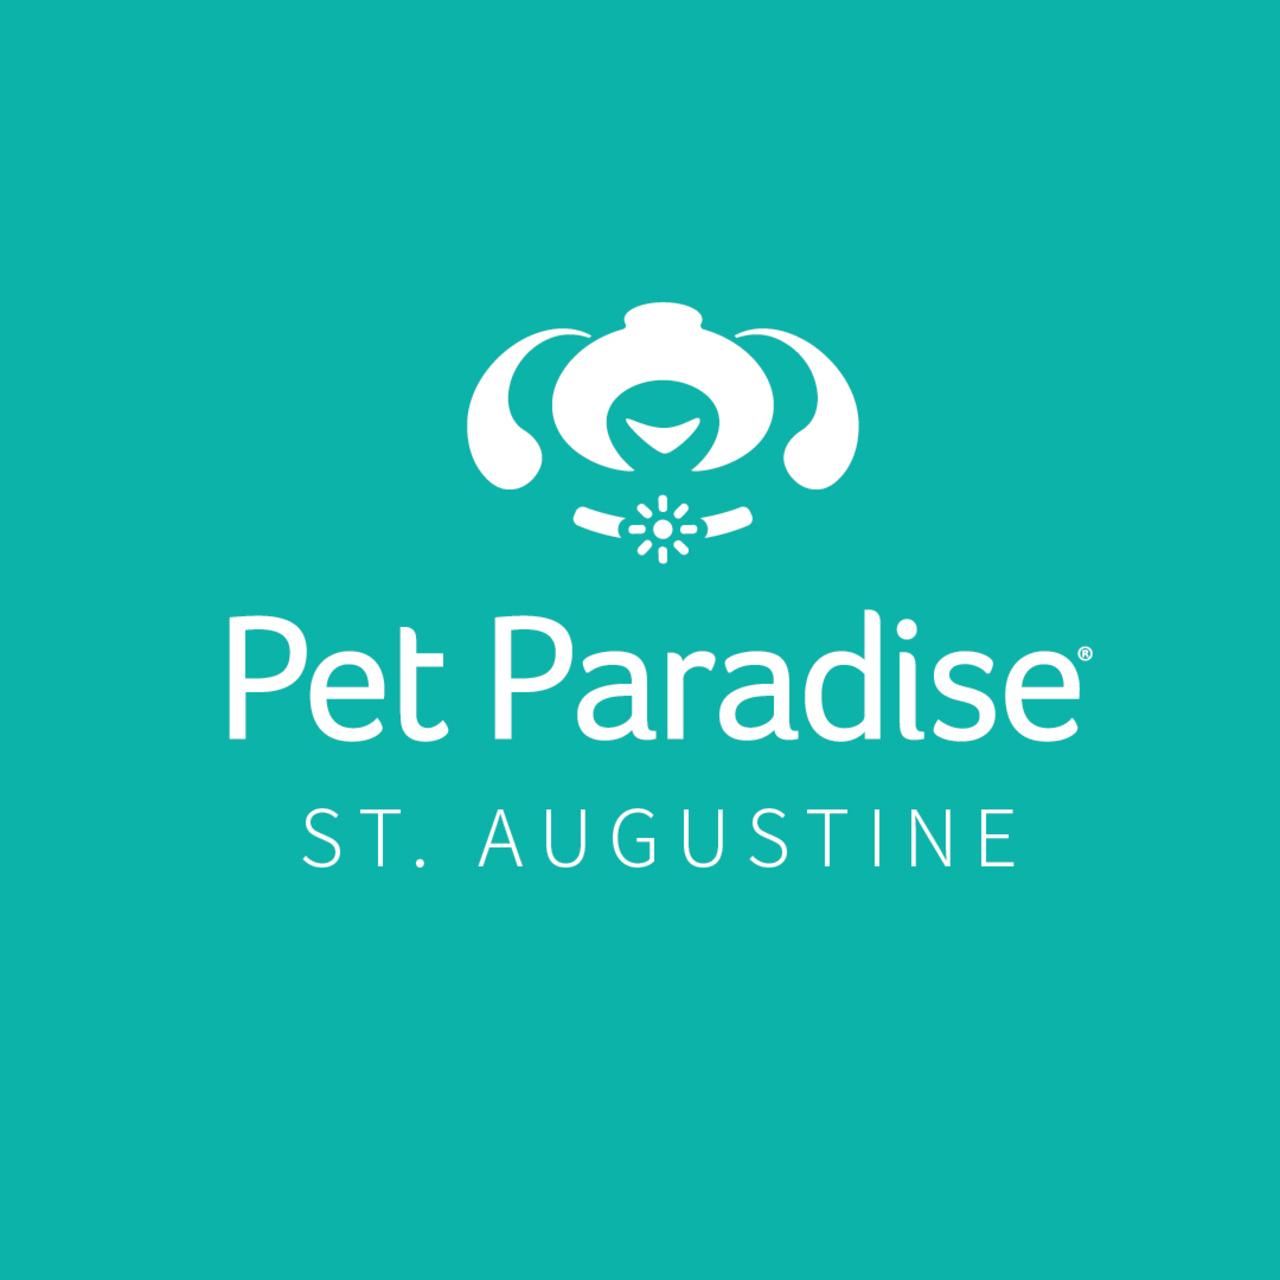 Pet Paradise St. Augustine